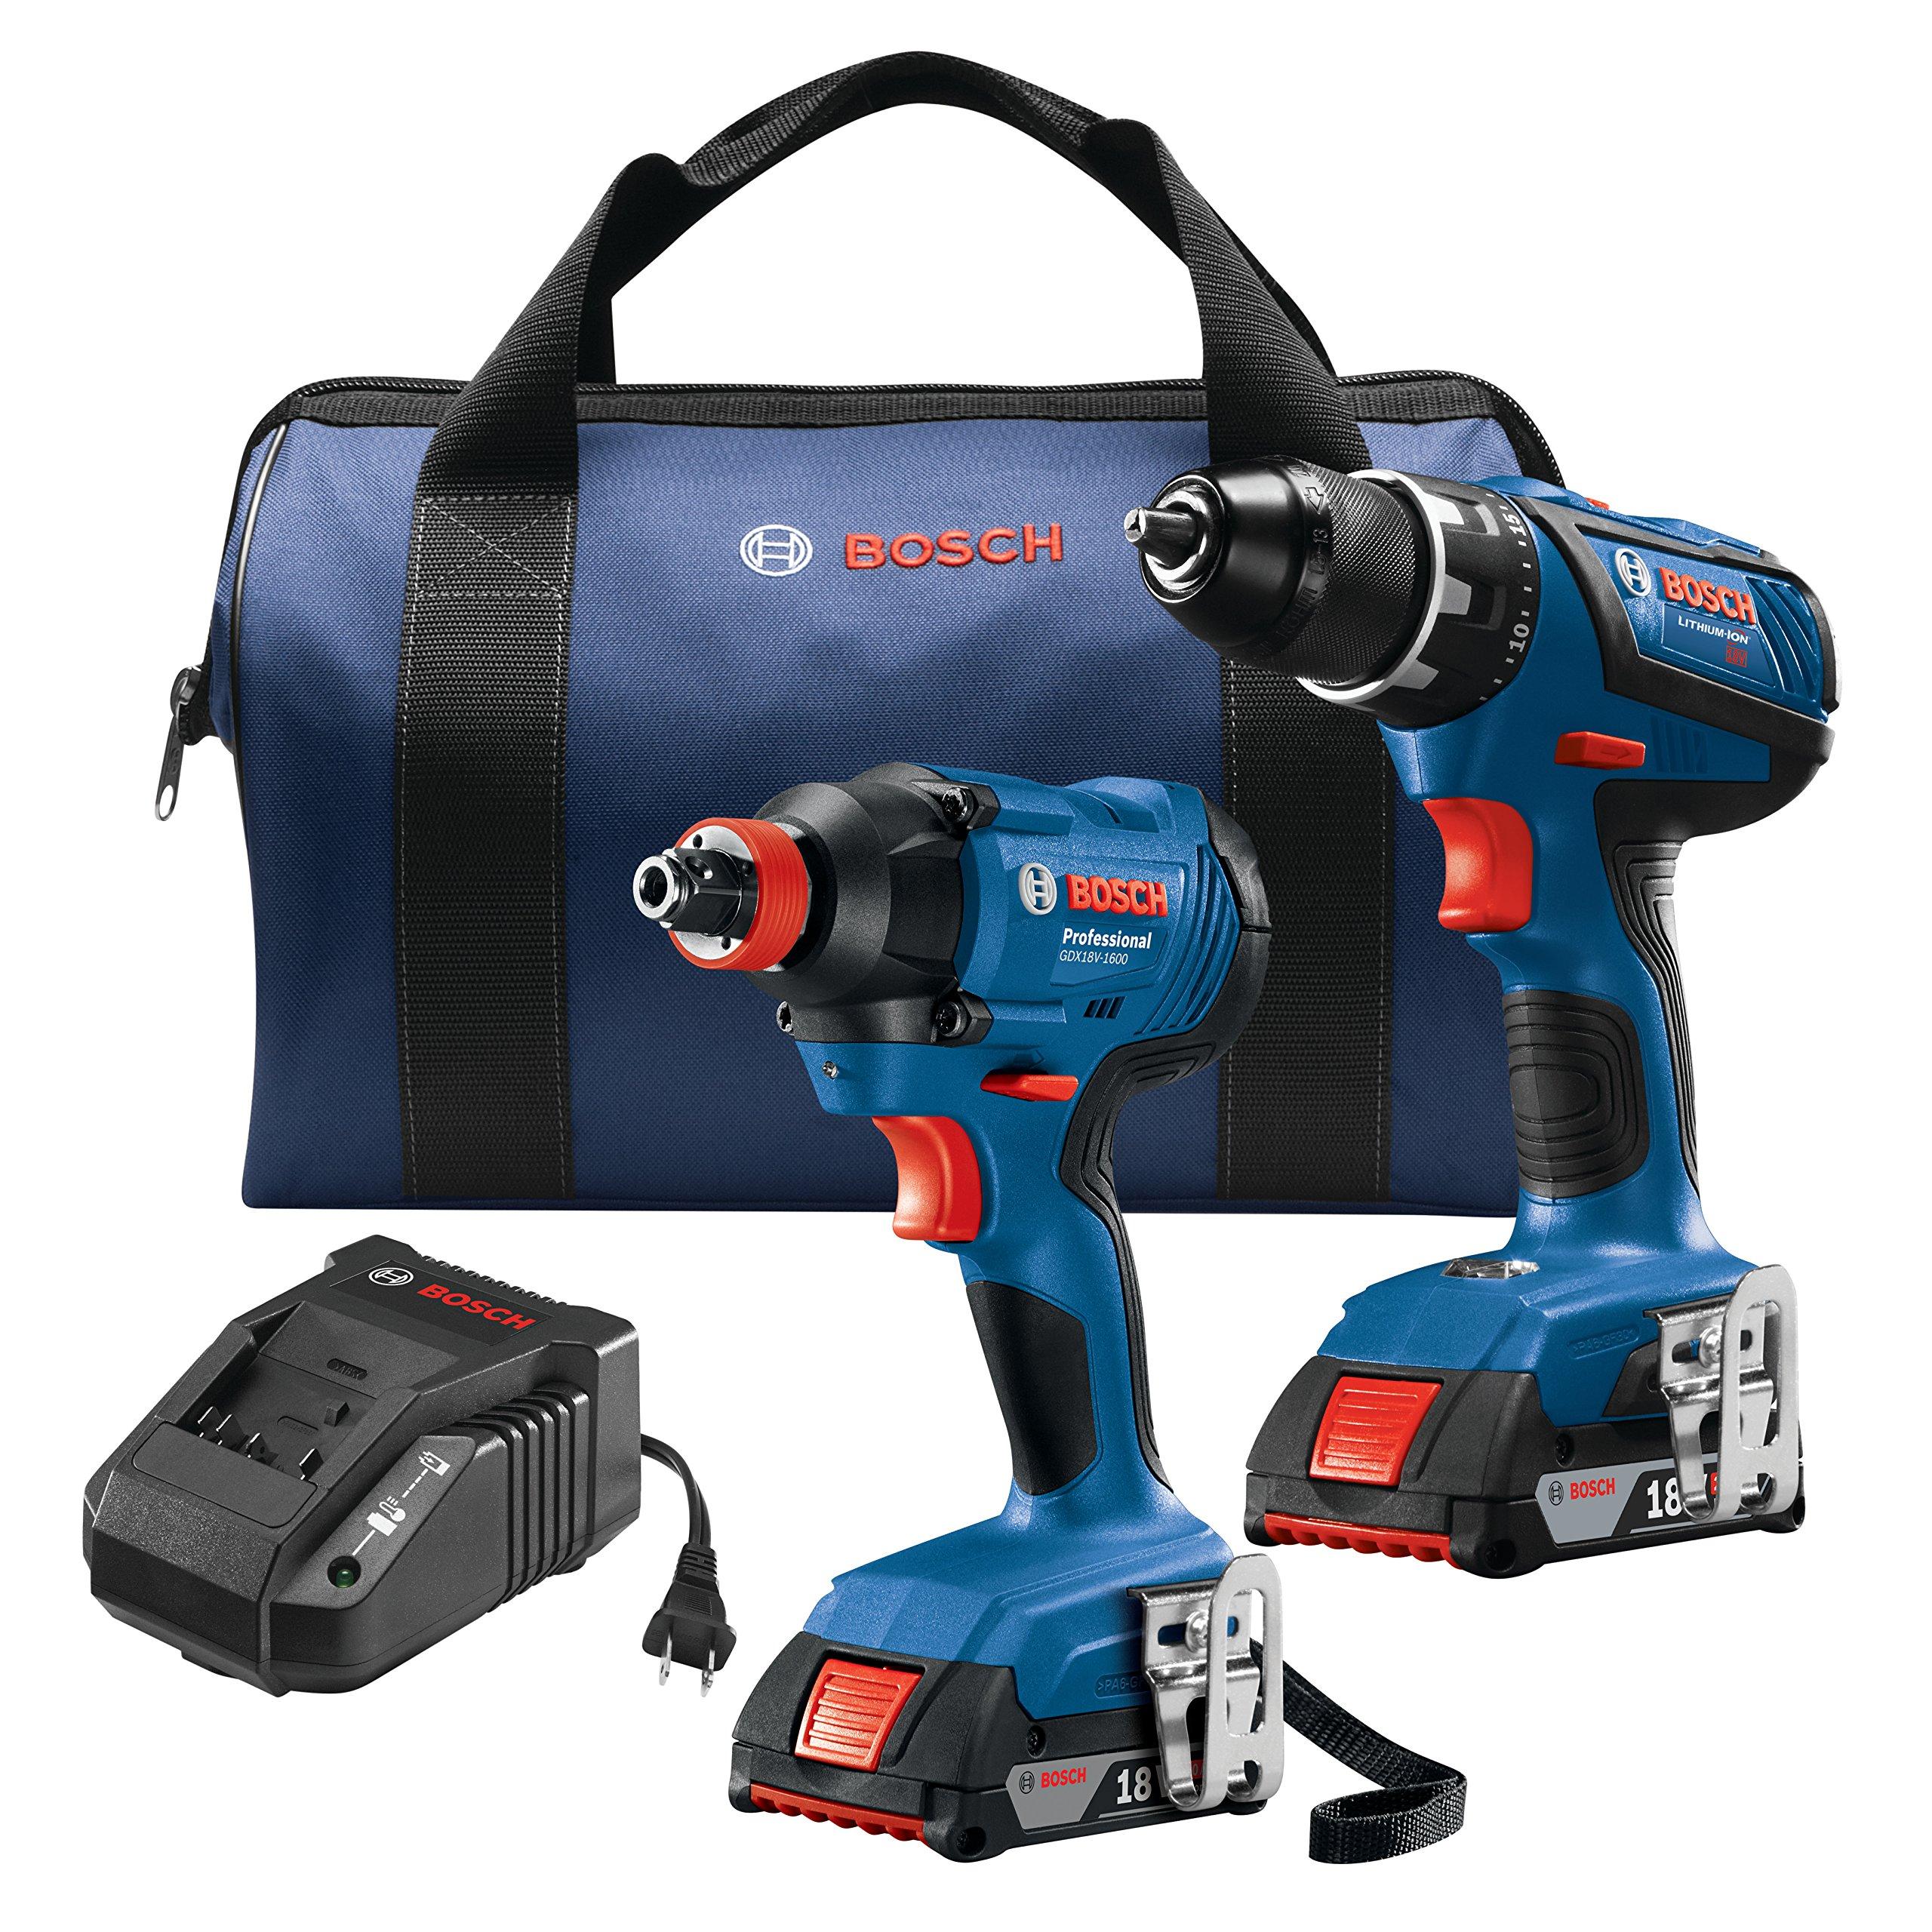 Bosch GXL18V 232B22 2 Tool Compact Batteries